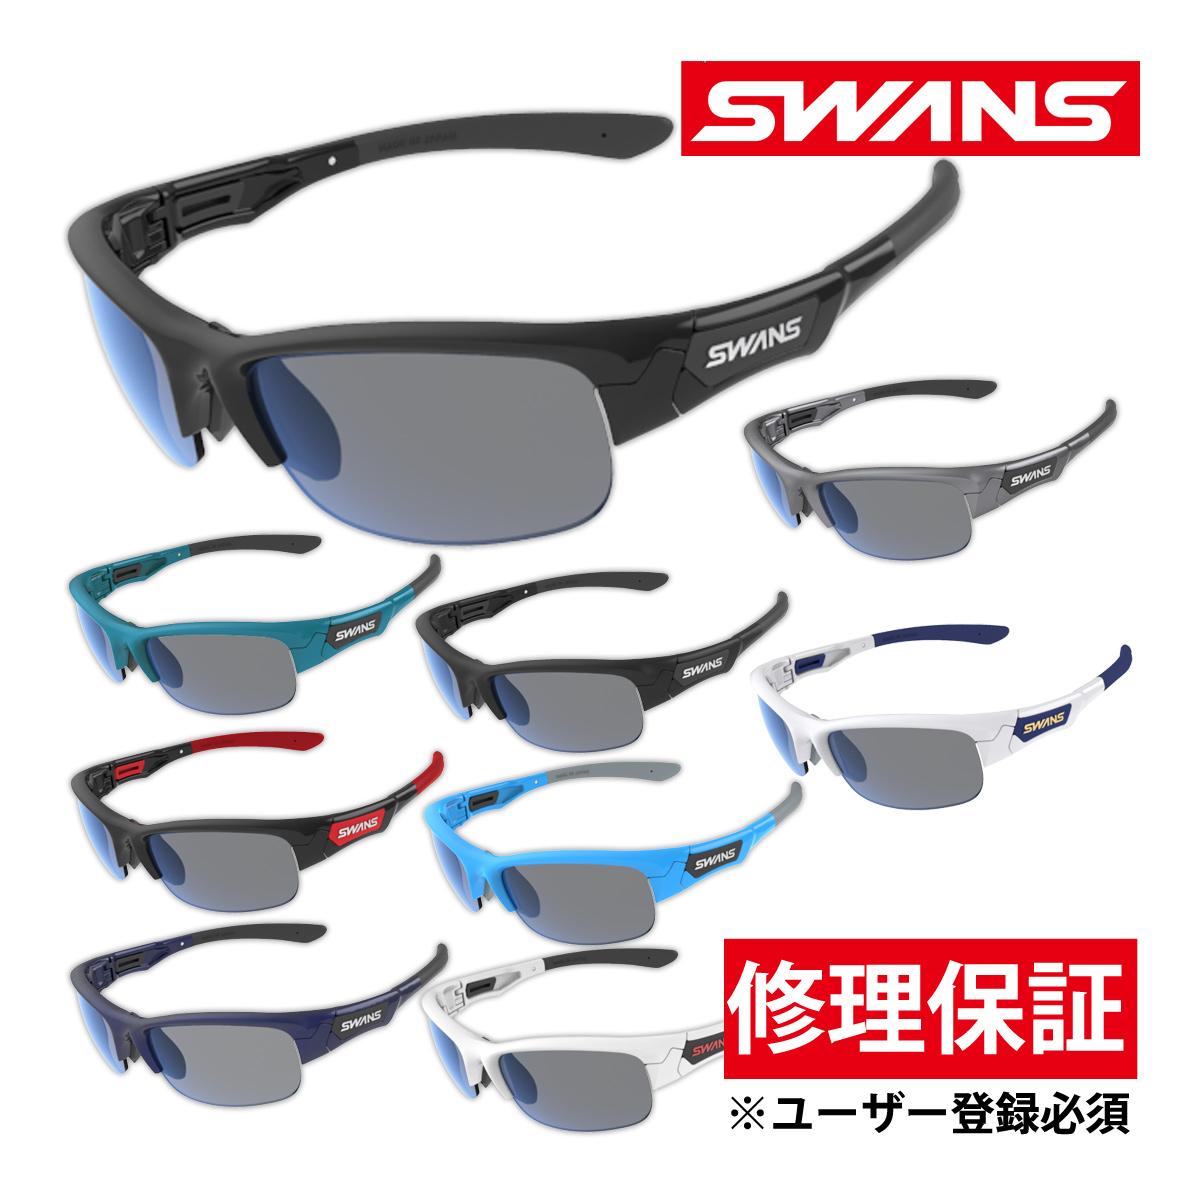 サングラス 偏光レンズ 両面マルチ メンズ レディース スポーツ ドライブ 釣り ゴルフ SPRINGBOK フレーム+L-SPB-0151 SMK おすすめ 人気 SWANS スワンズ